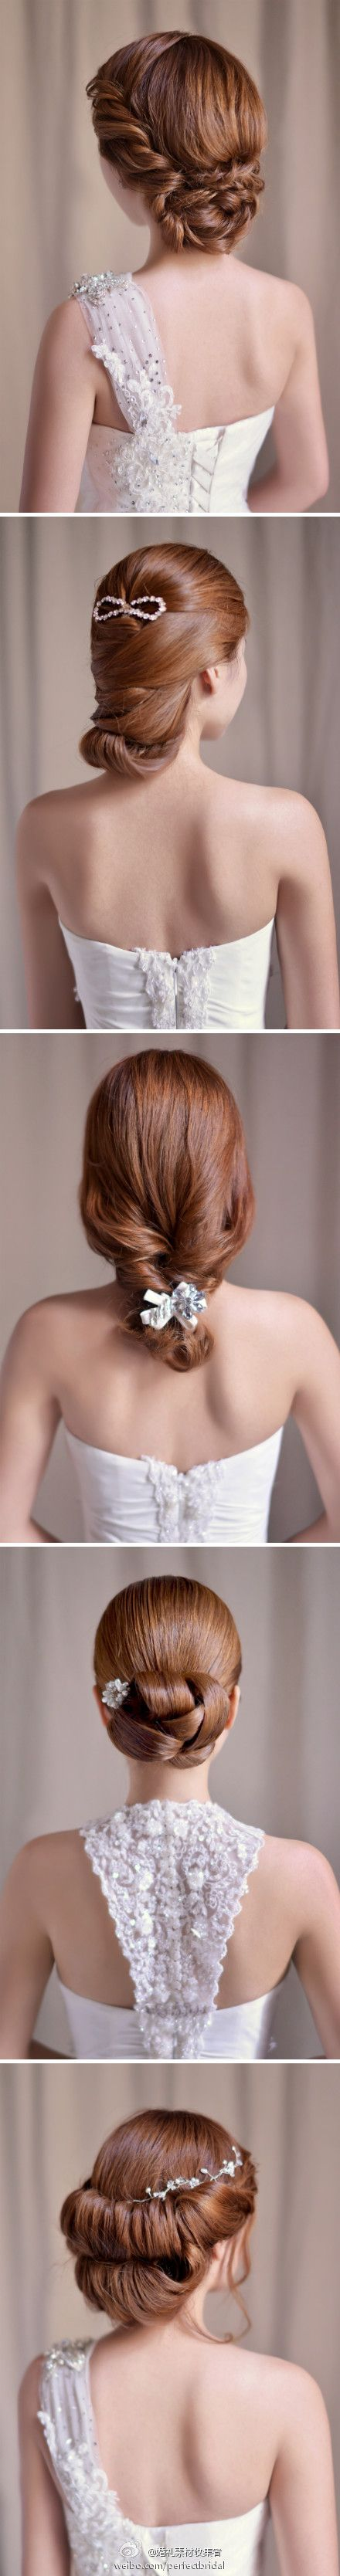 hair ideas for #wedding #hair #totalweddingshow